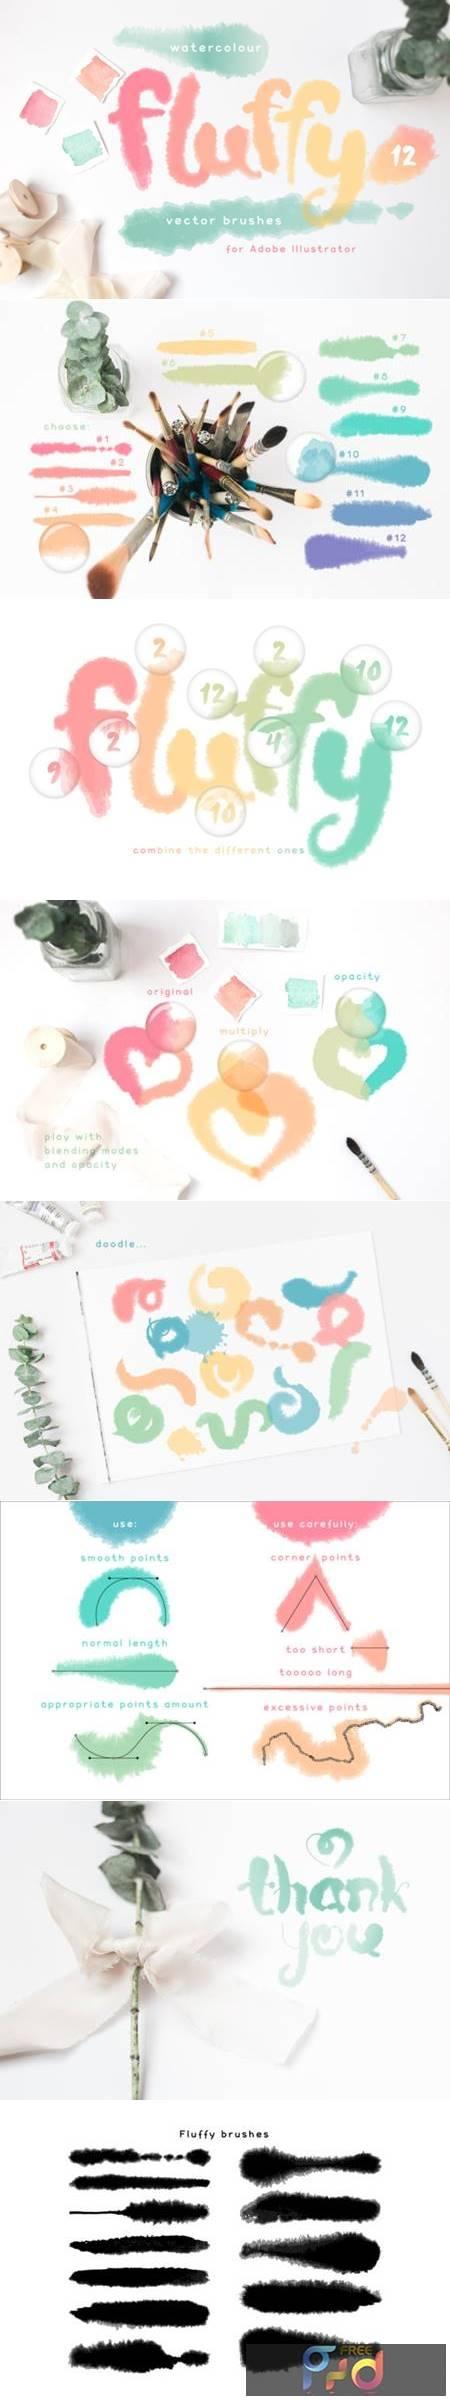 Fluffy Brushes for Illustrator 6682657 1